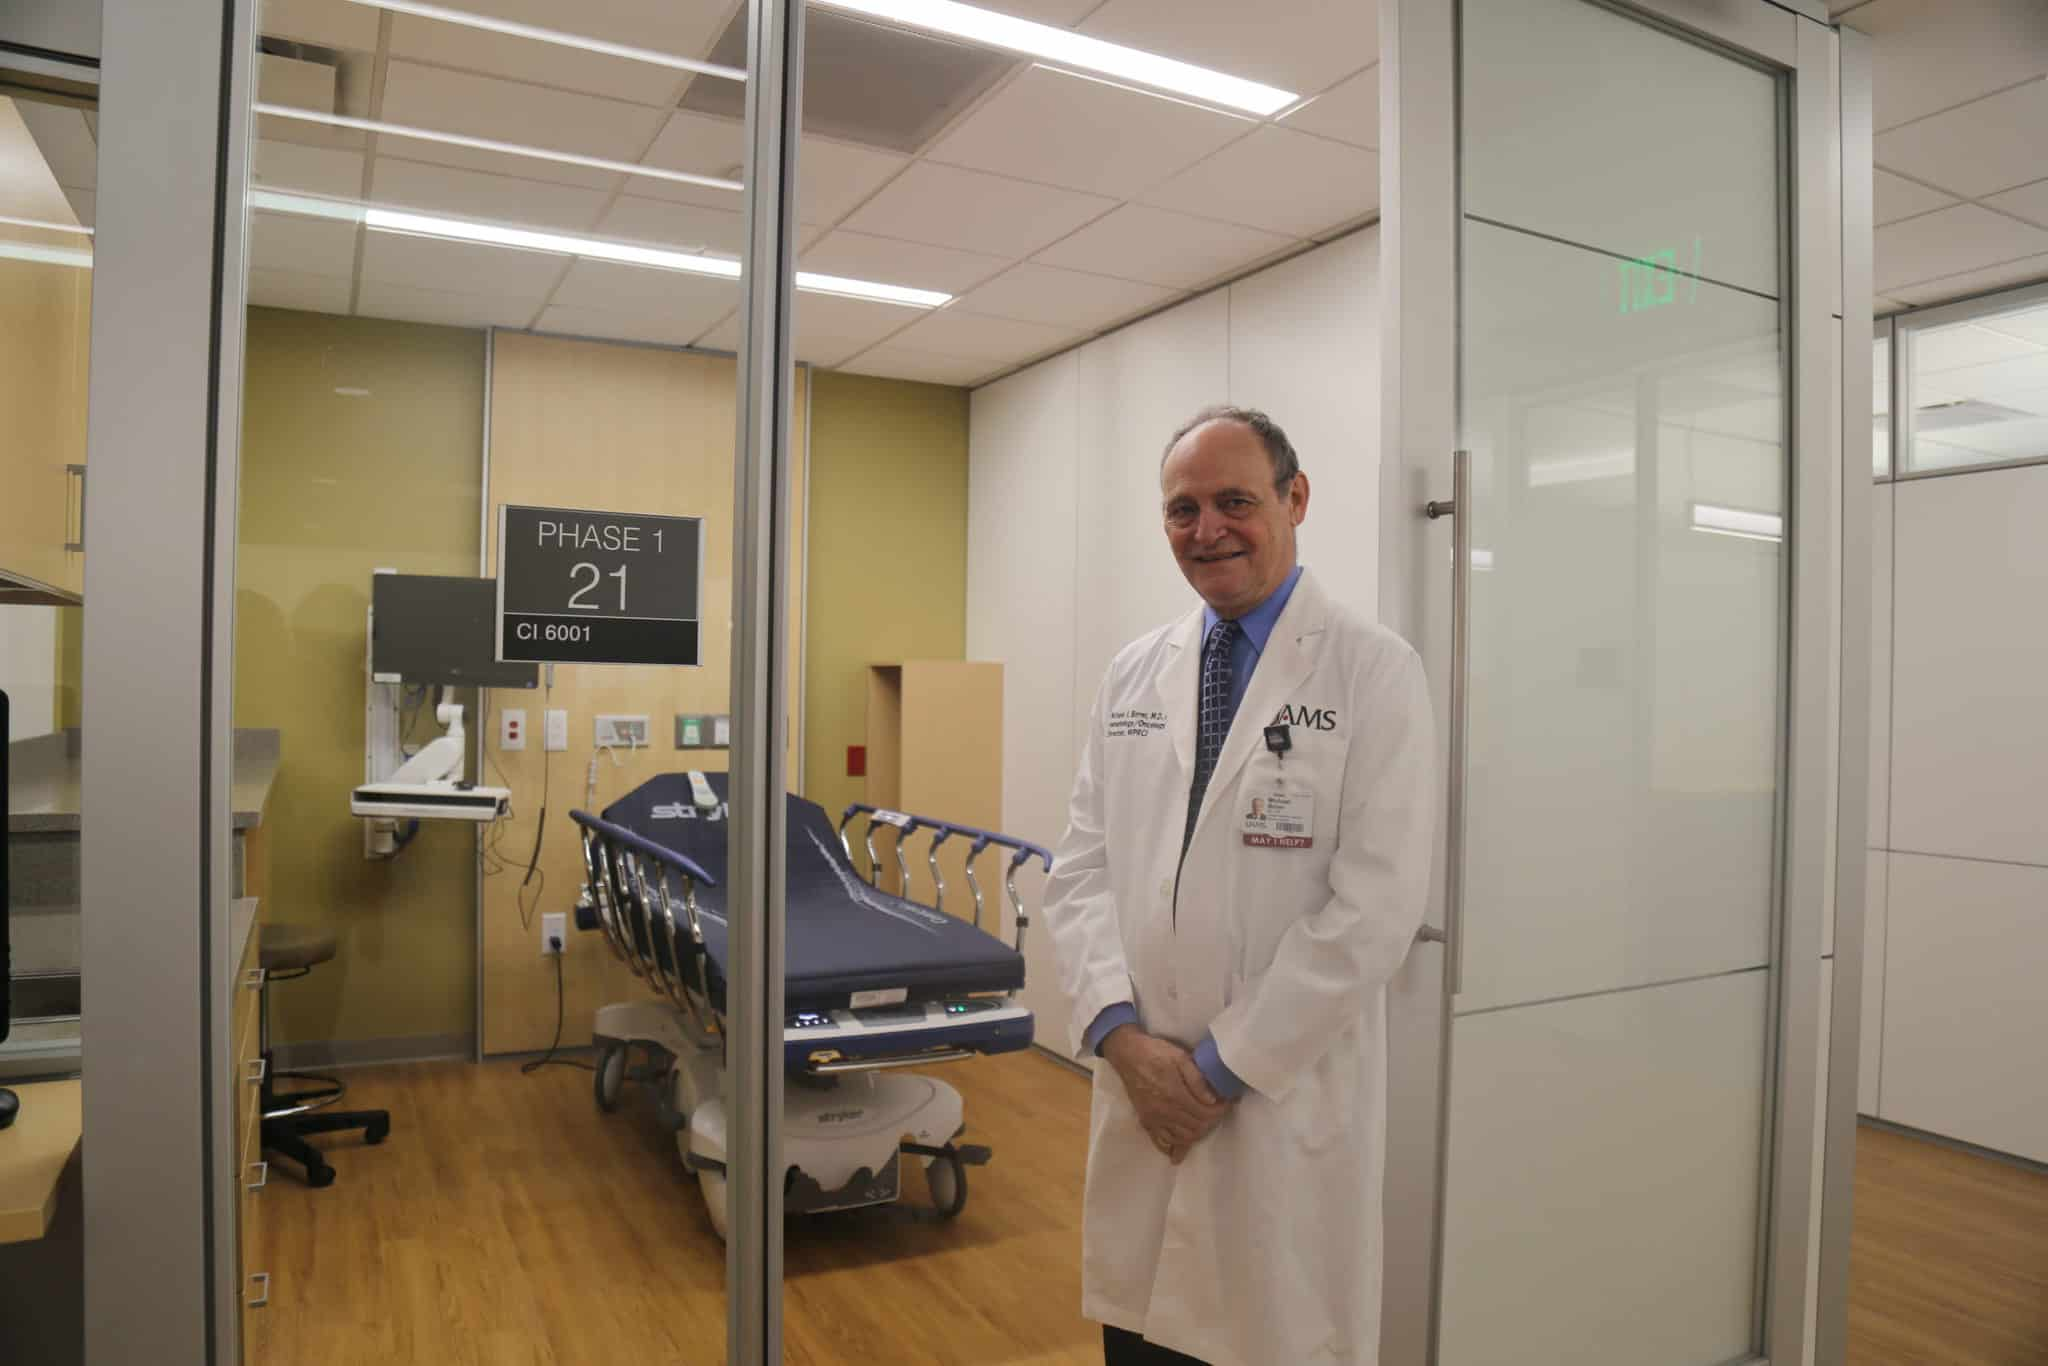 Dr. Birrer in Phase I Unit